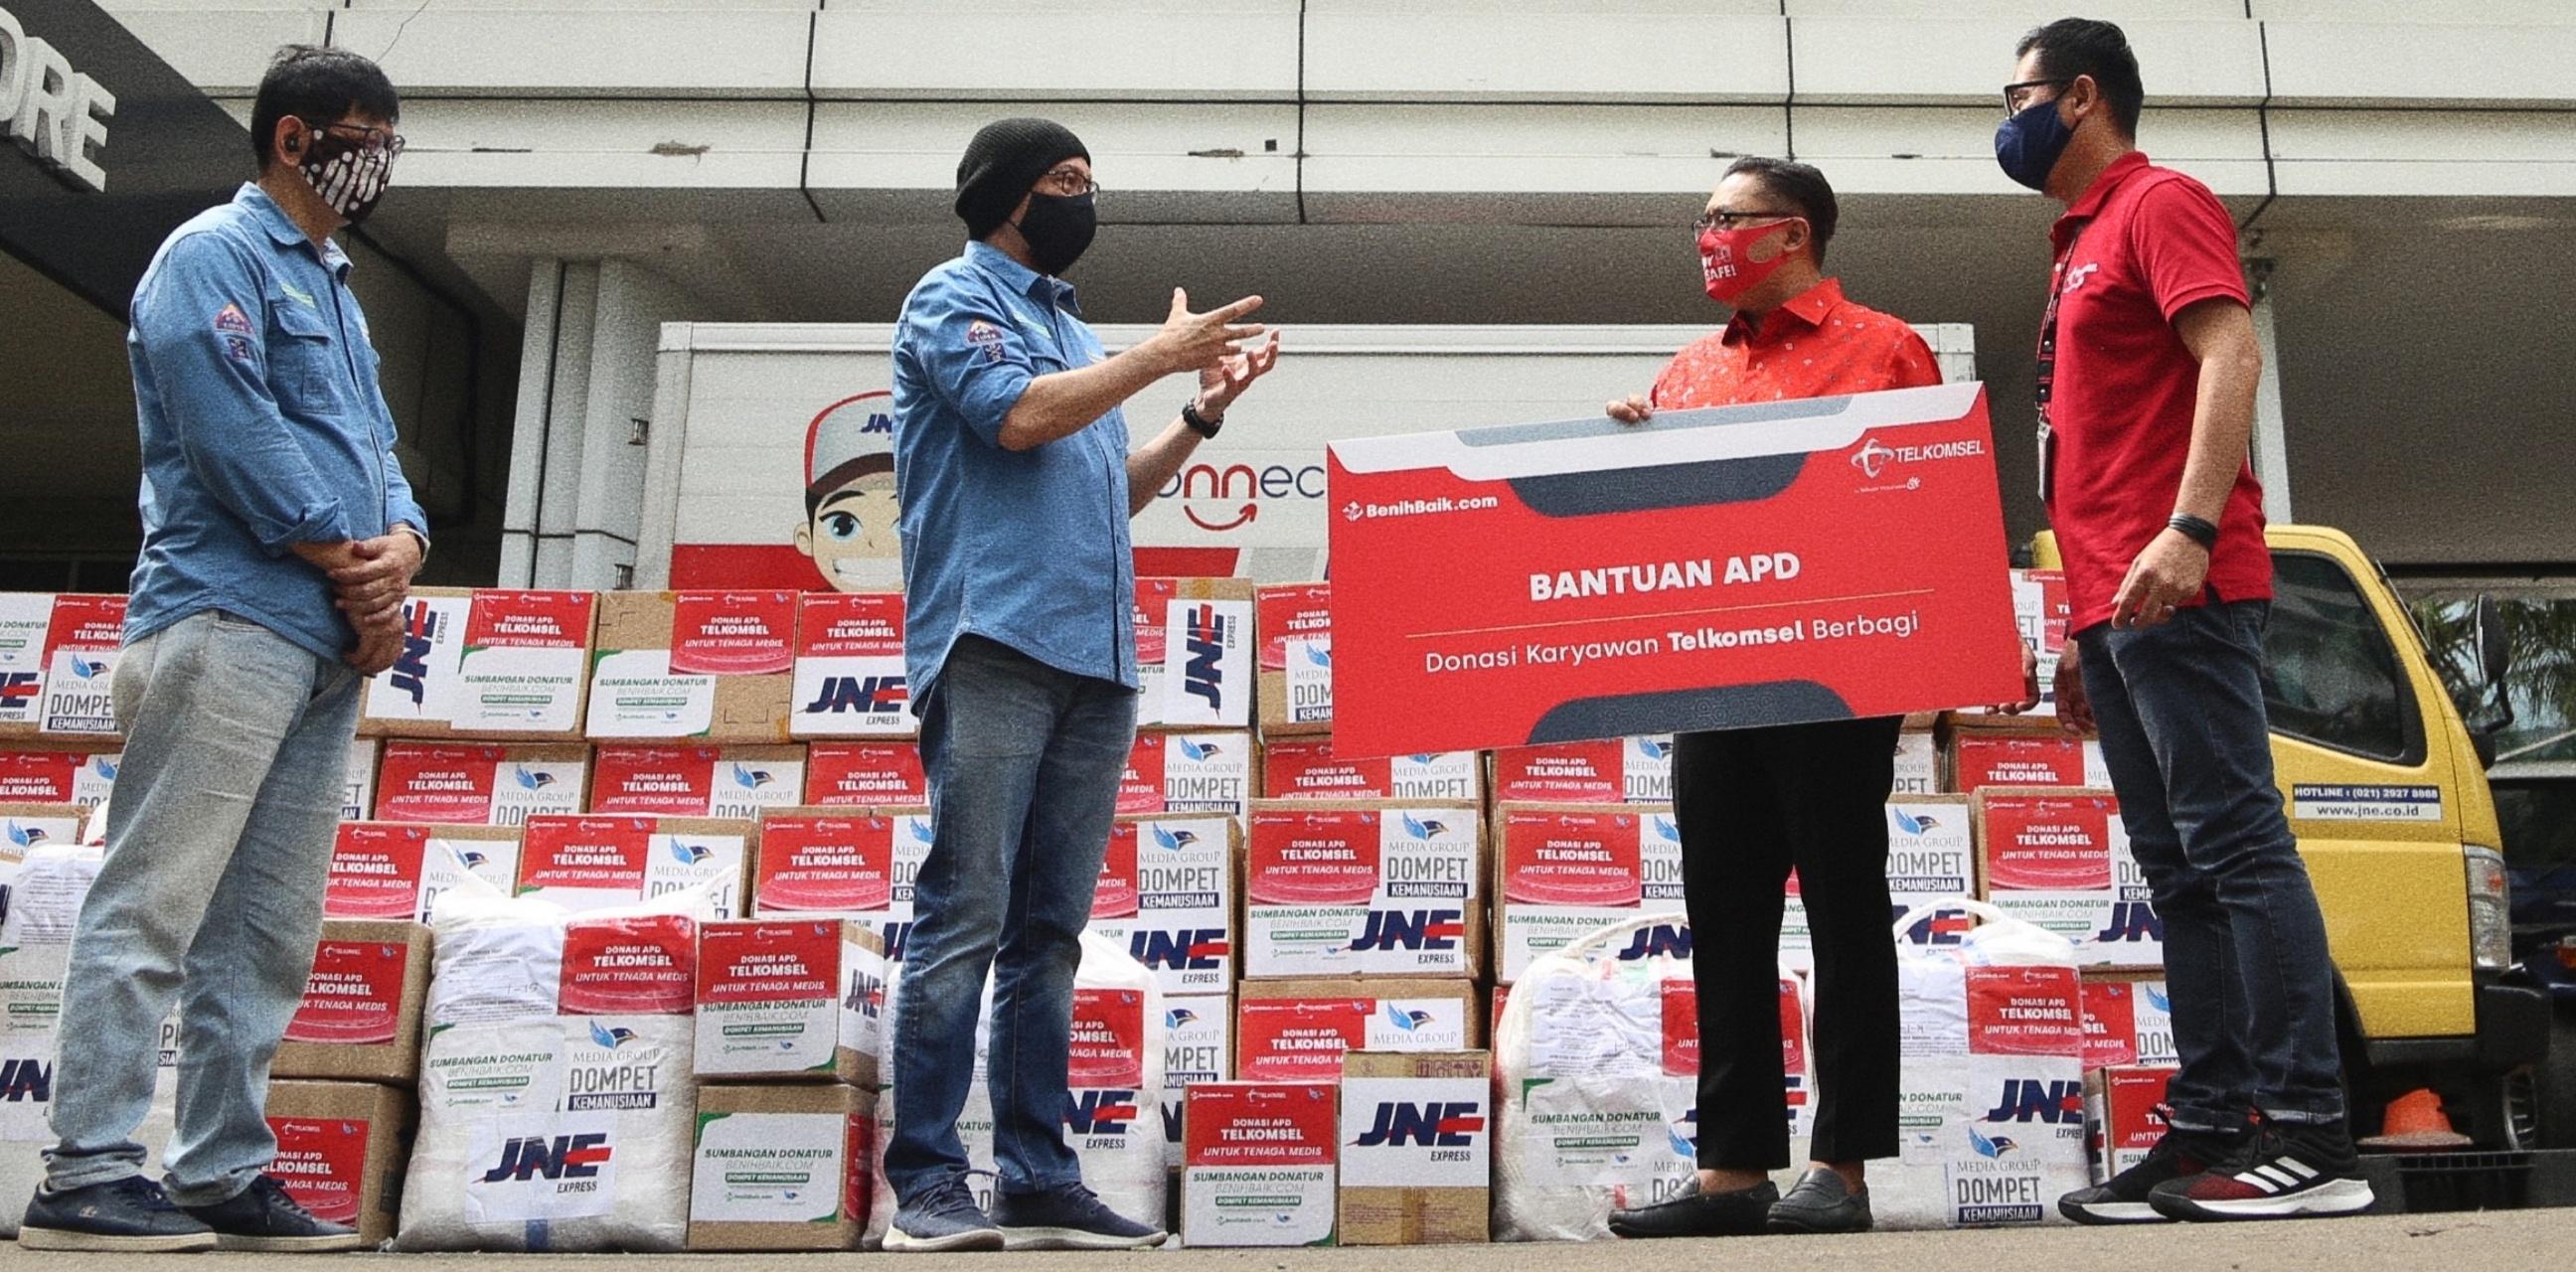 Karyawan & direksi Telkomsel patungan bantu korban terdampak Covid-19